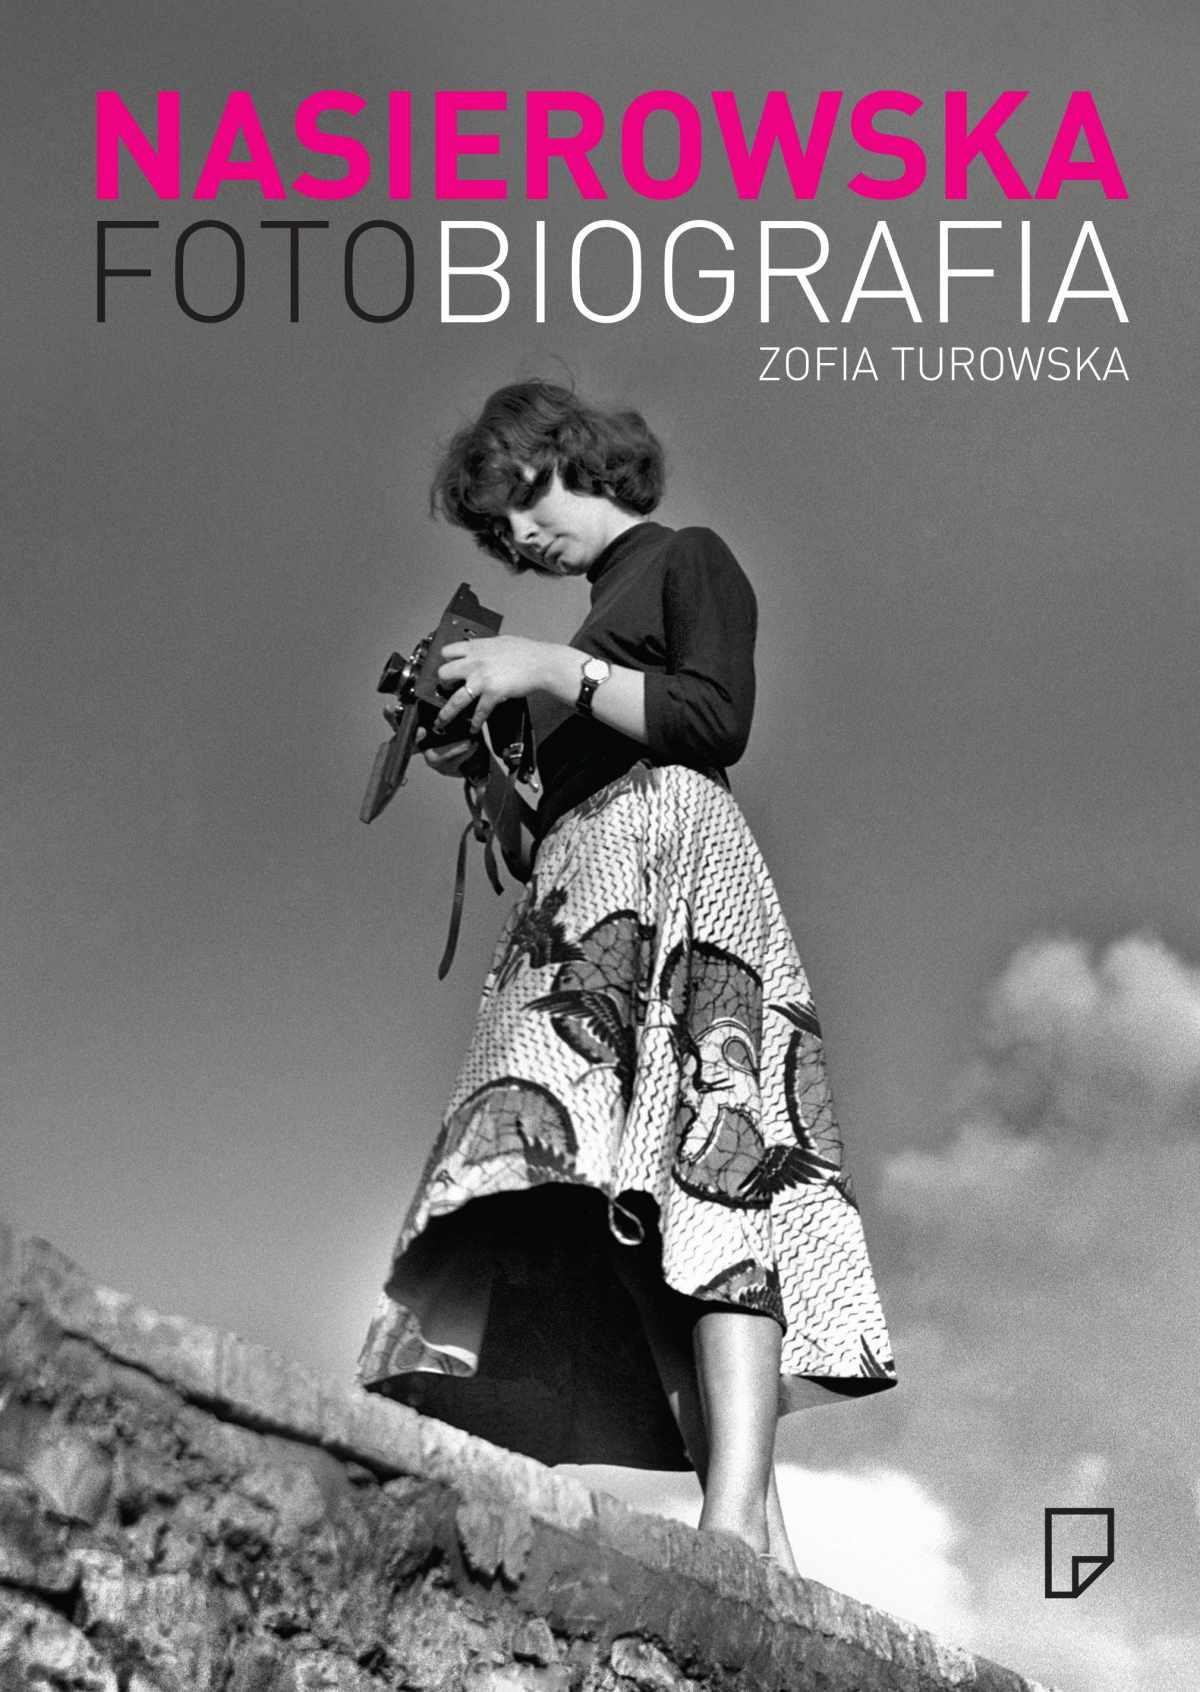 Fotobiografia. Zofia Nasierowska - Tylko w Legimi możesz przeczytać ten tytuł przez 7 dni za darmo. - Zofia Turowska